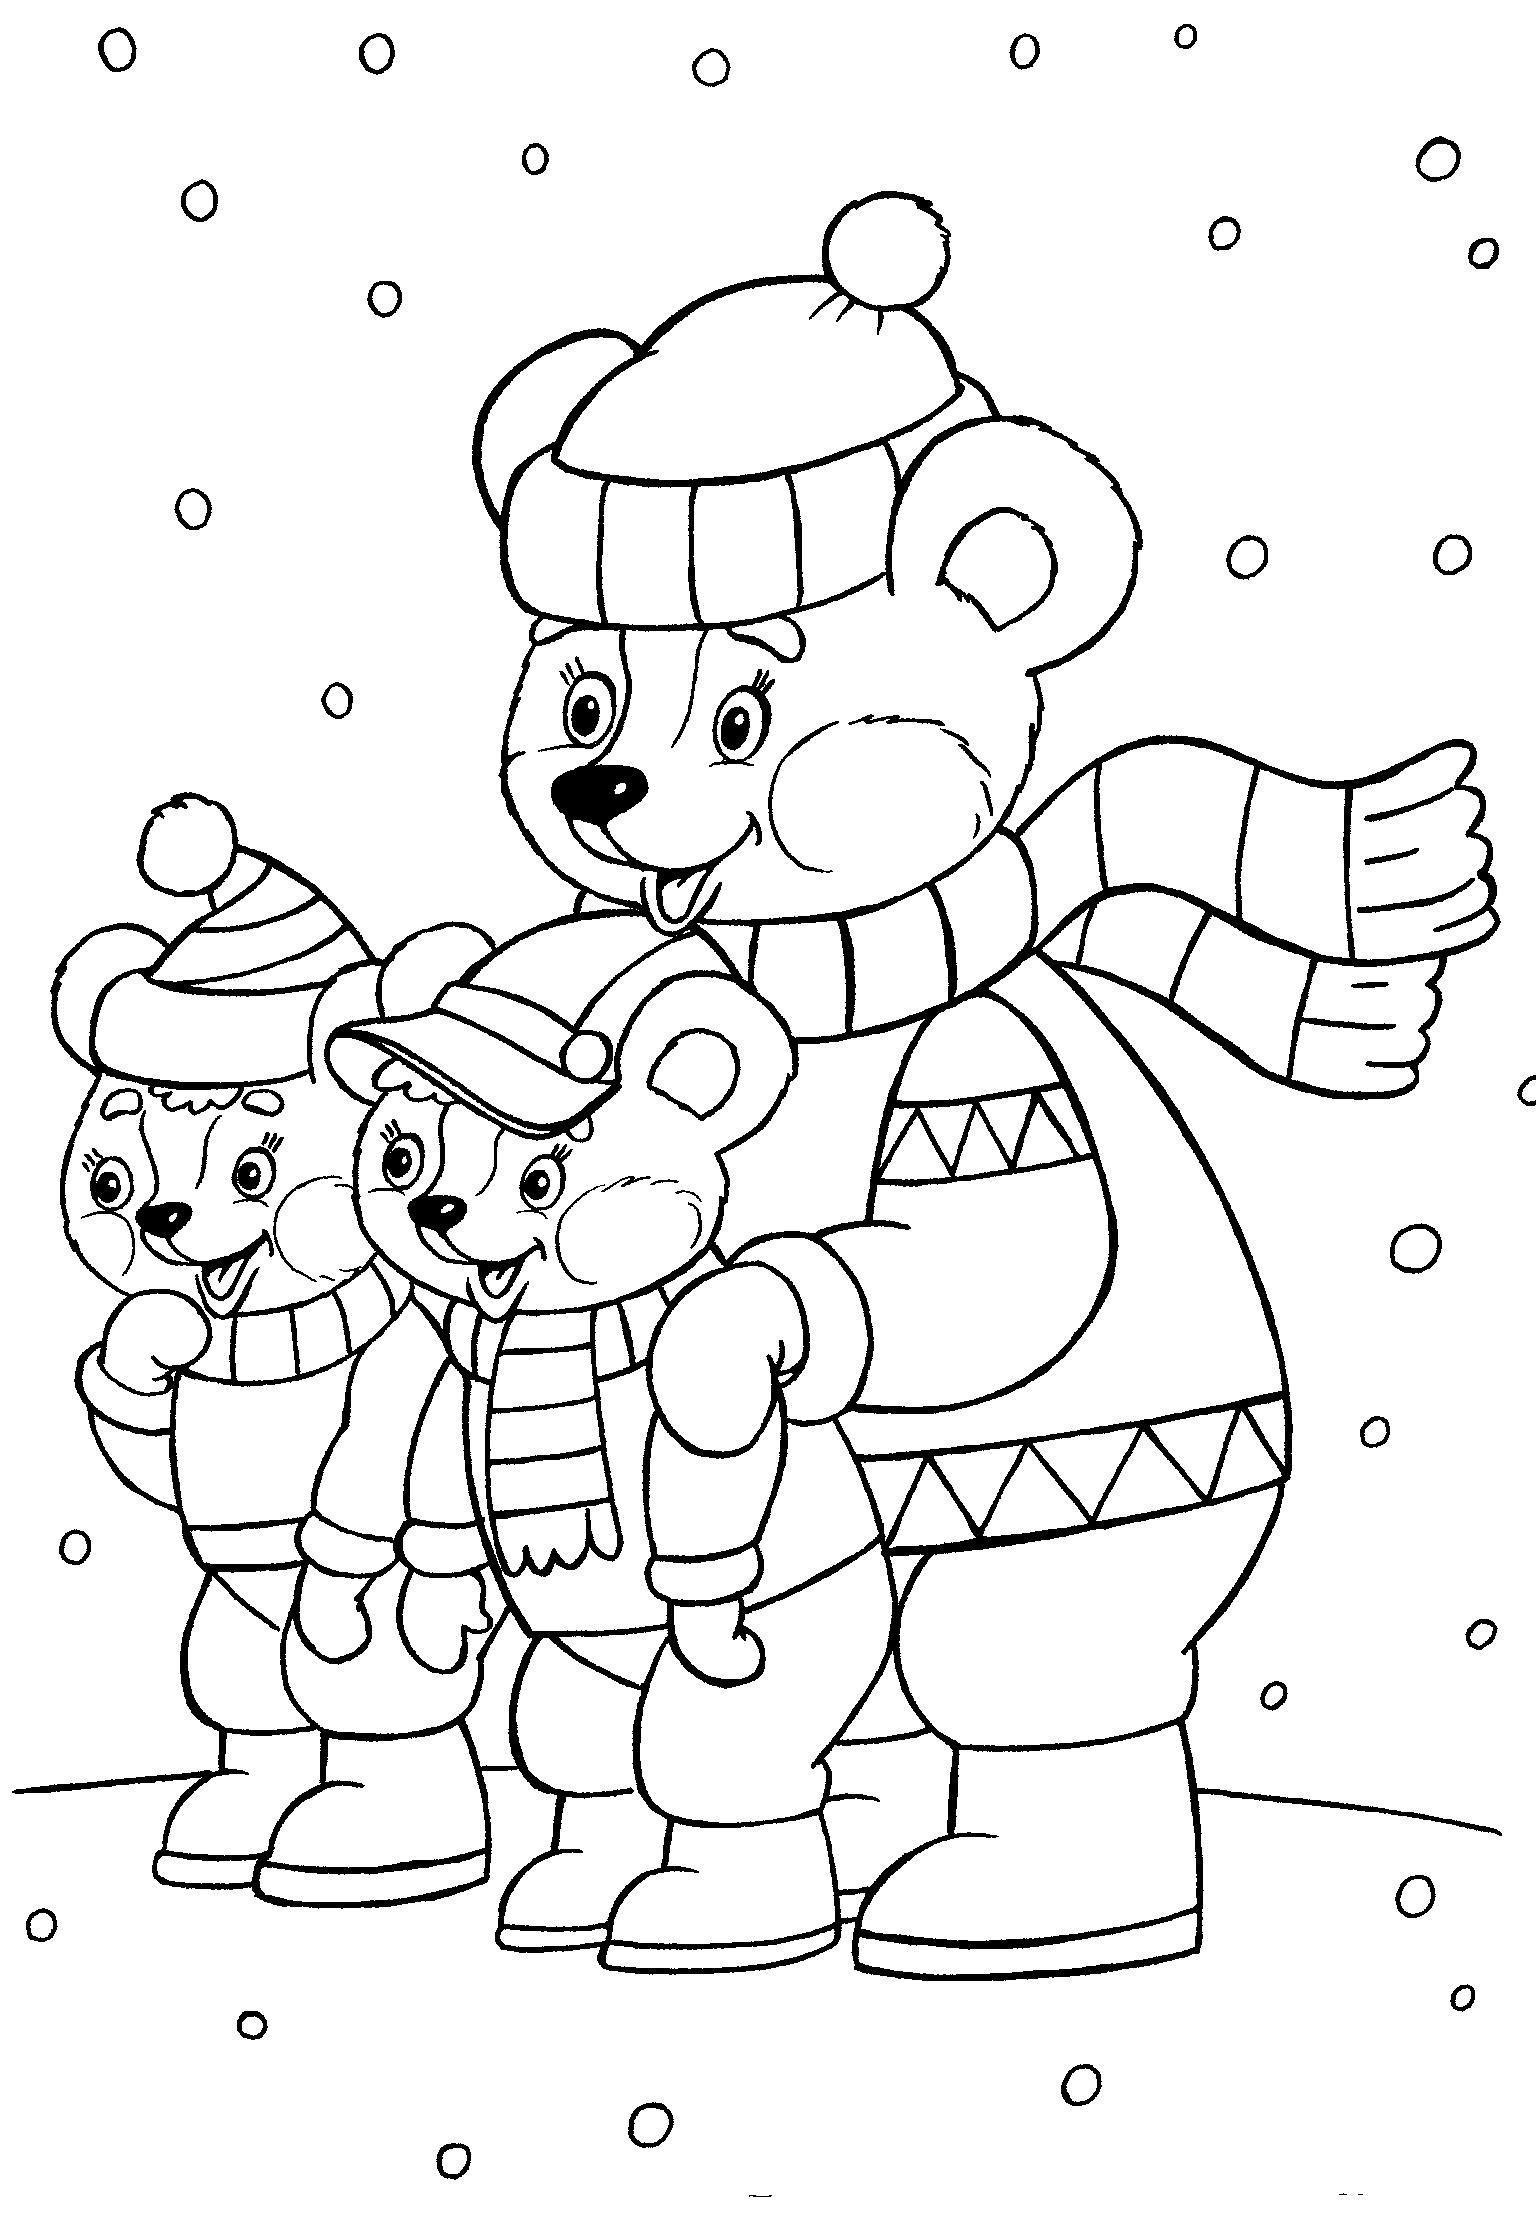 Раскраски для детей - Дед мороз и новый год. | Бесплатные ...